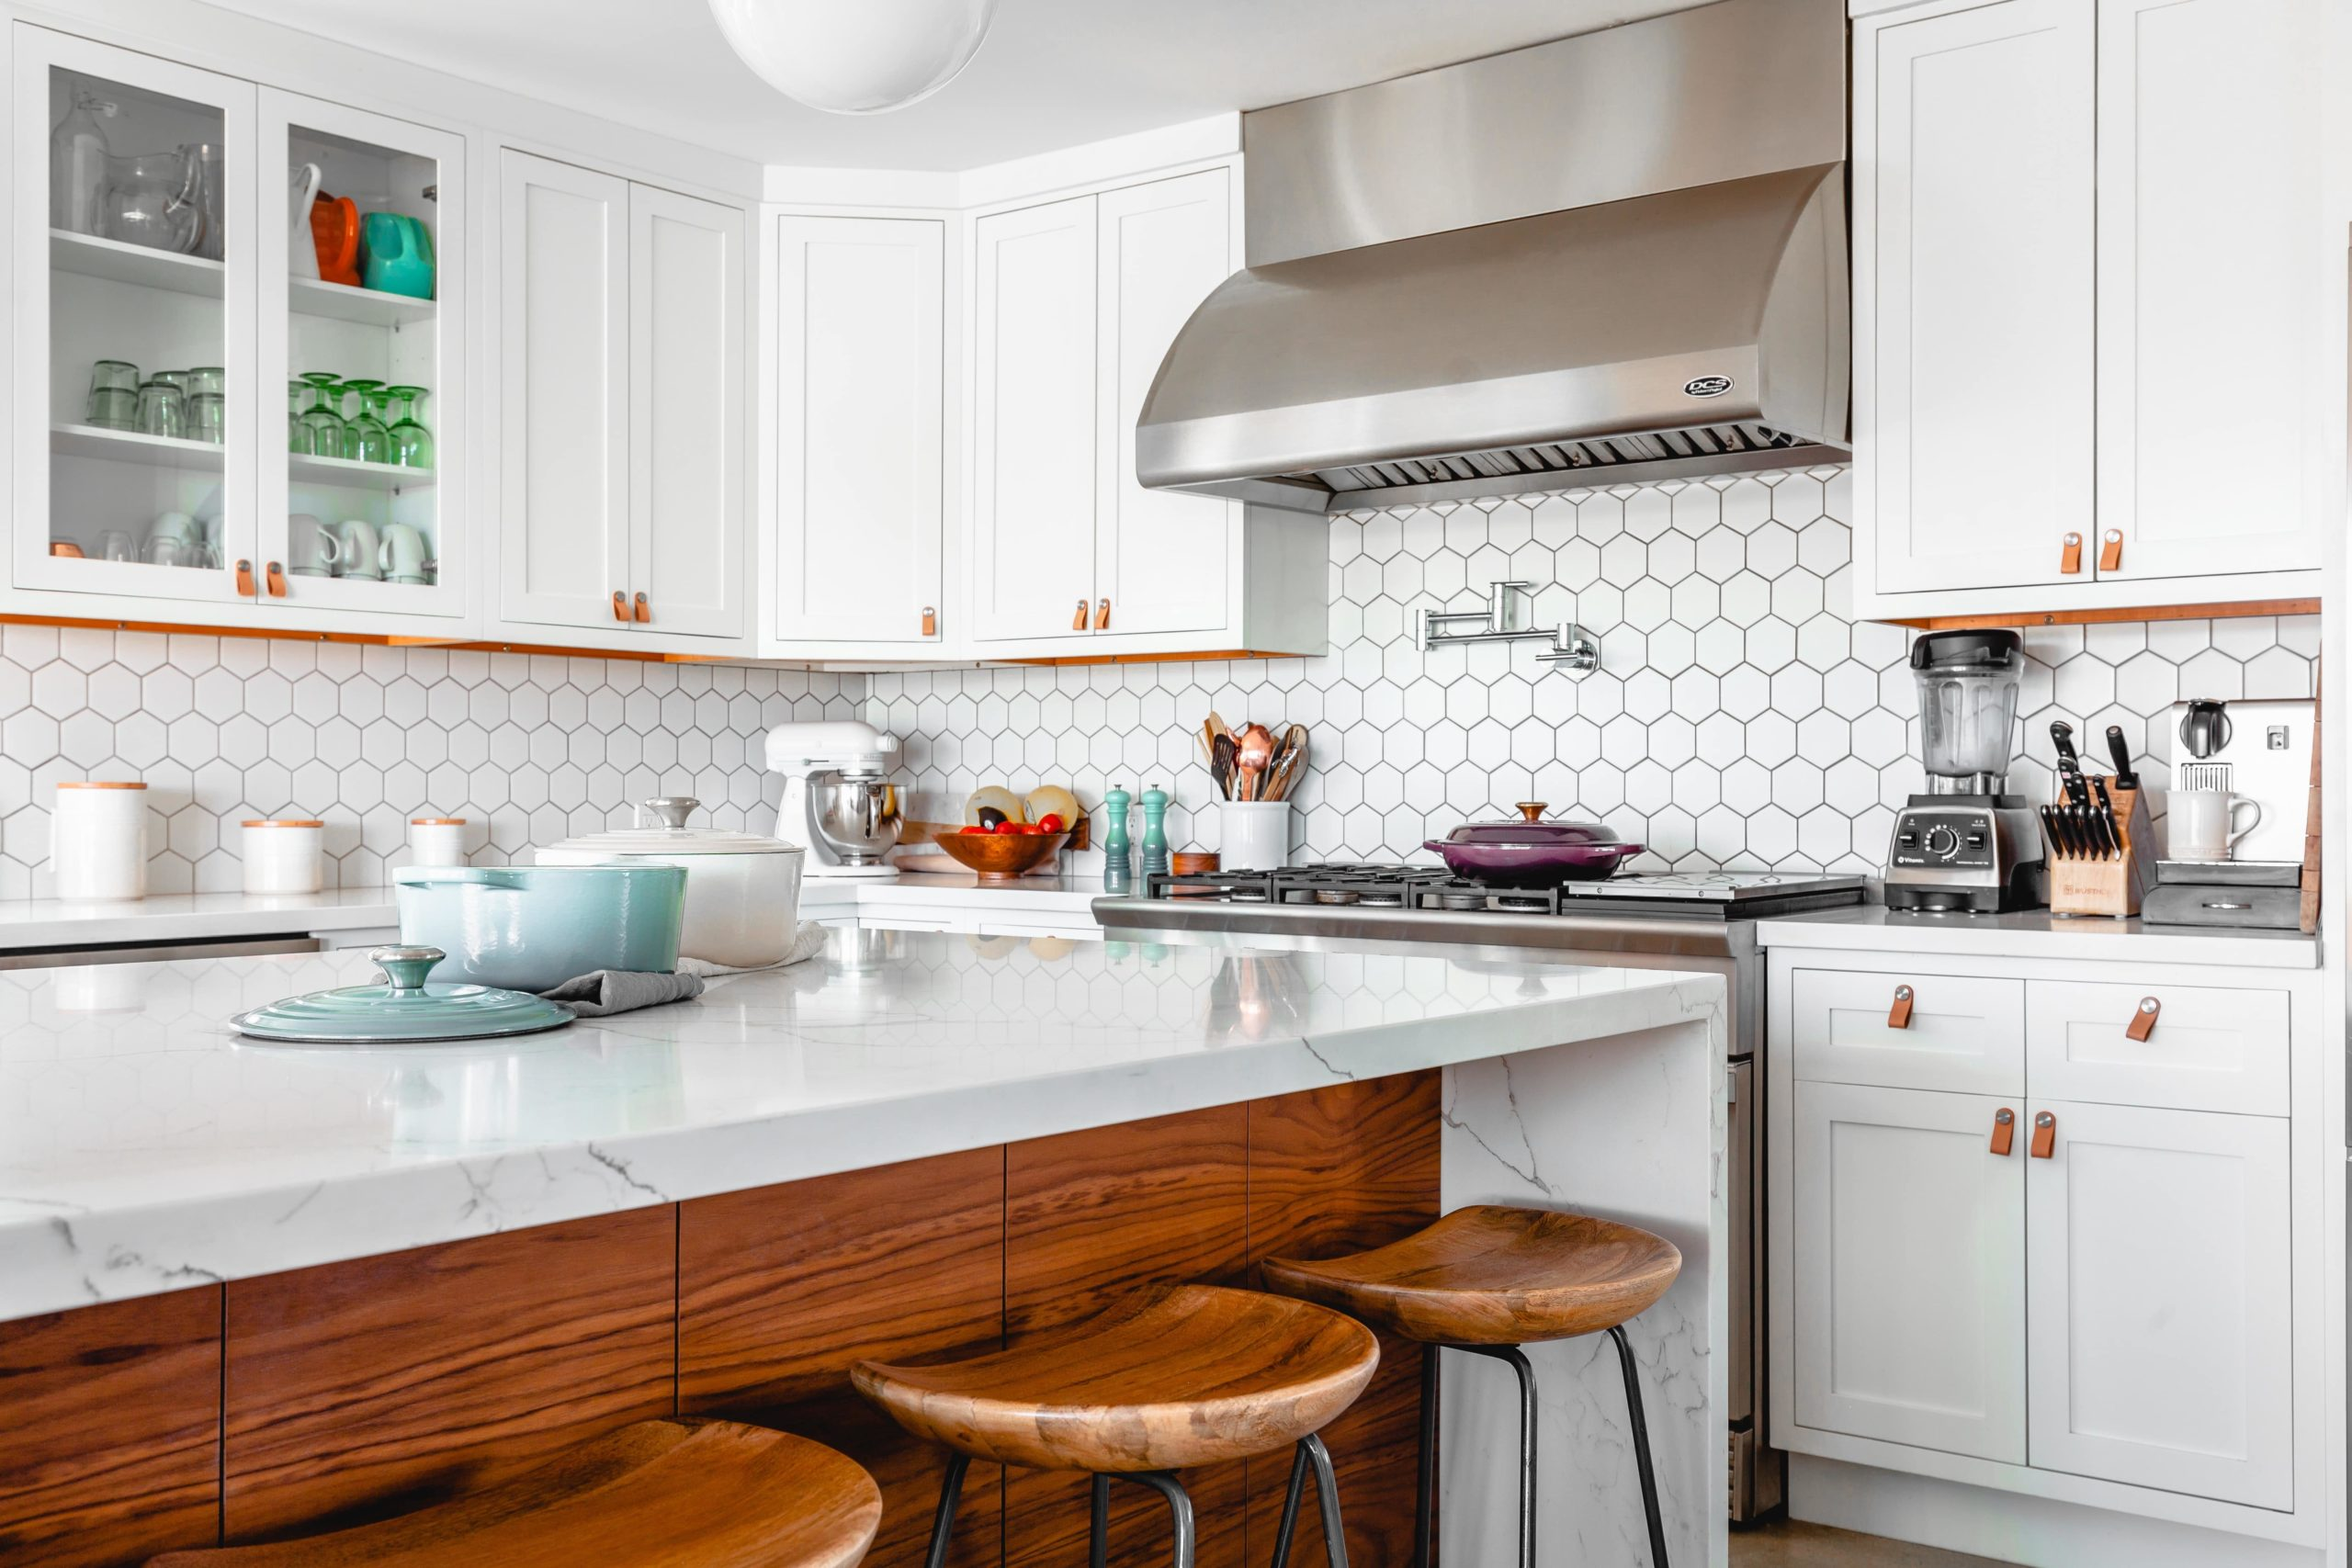 Imagem de uma cozinha branca com armários, fogão, ilha central, e 3 banquetas